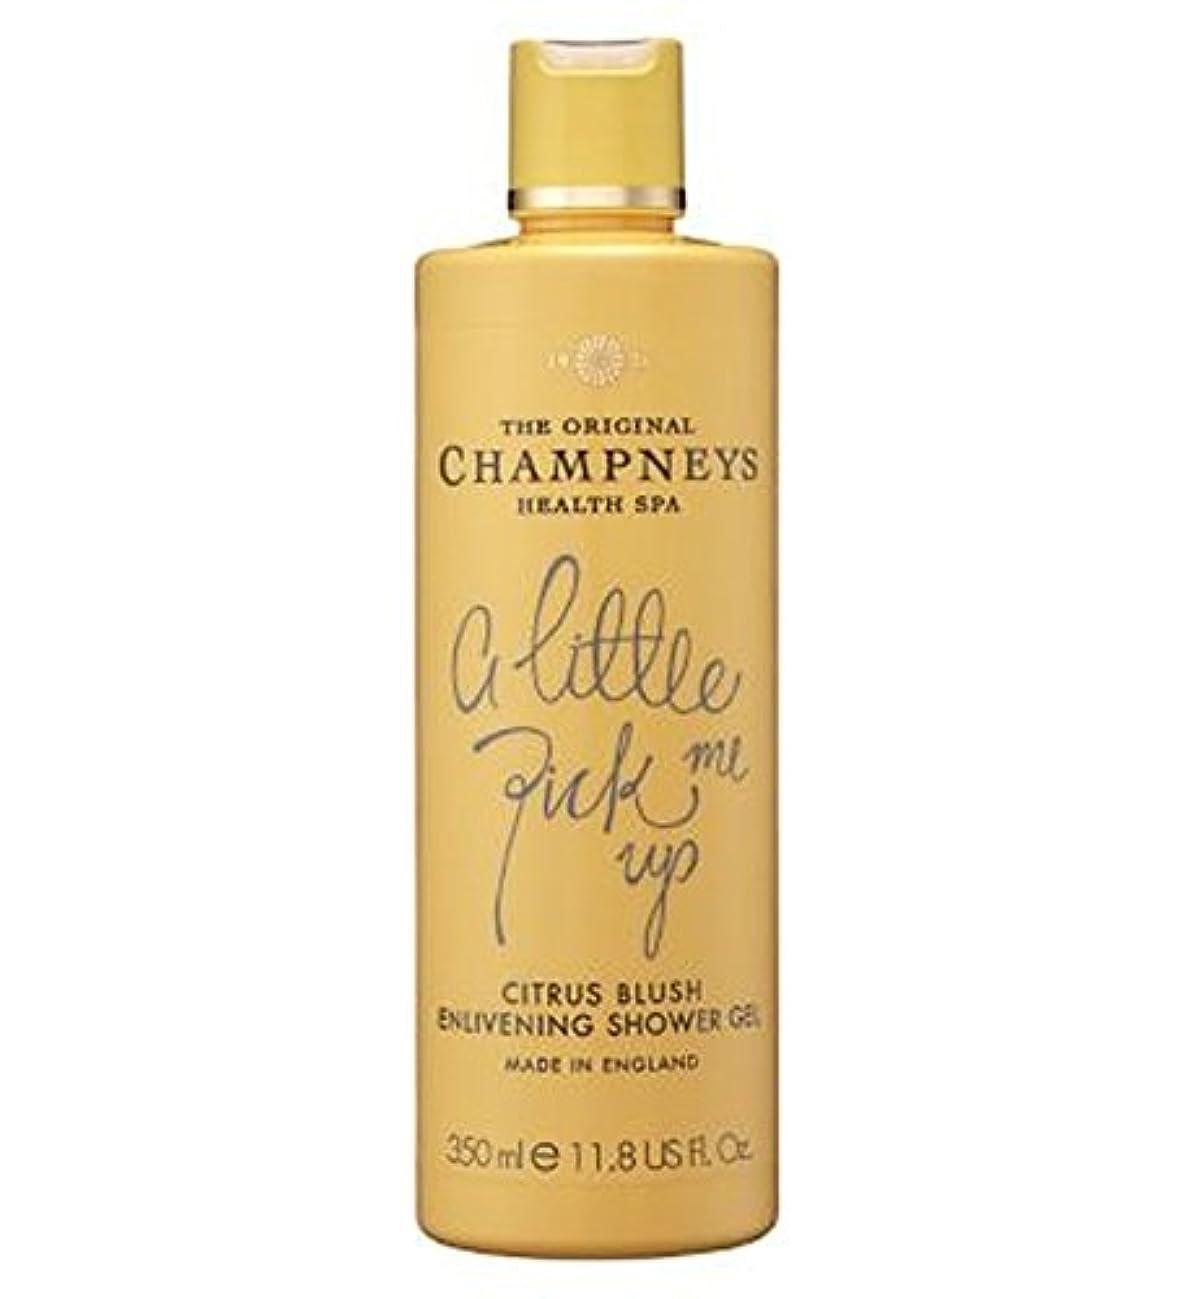 一時解雇する長老ベルベットChampneys Citrus Blush Enlivening Shower Gel 350ml - チャンプニーズシトラス赤面盛り上げシャワージェル350ミリリットル (Champneys) [並行輸入品]